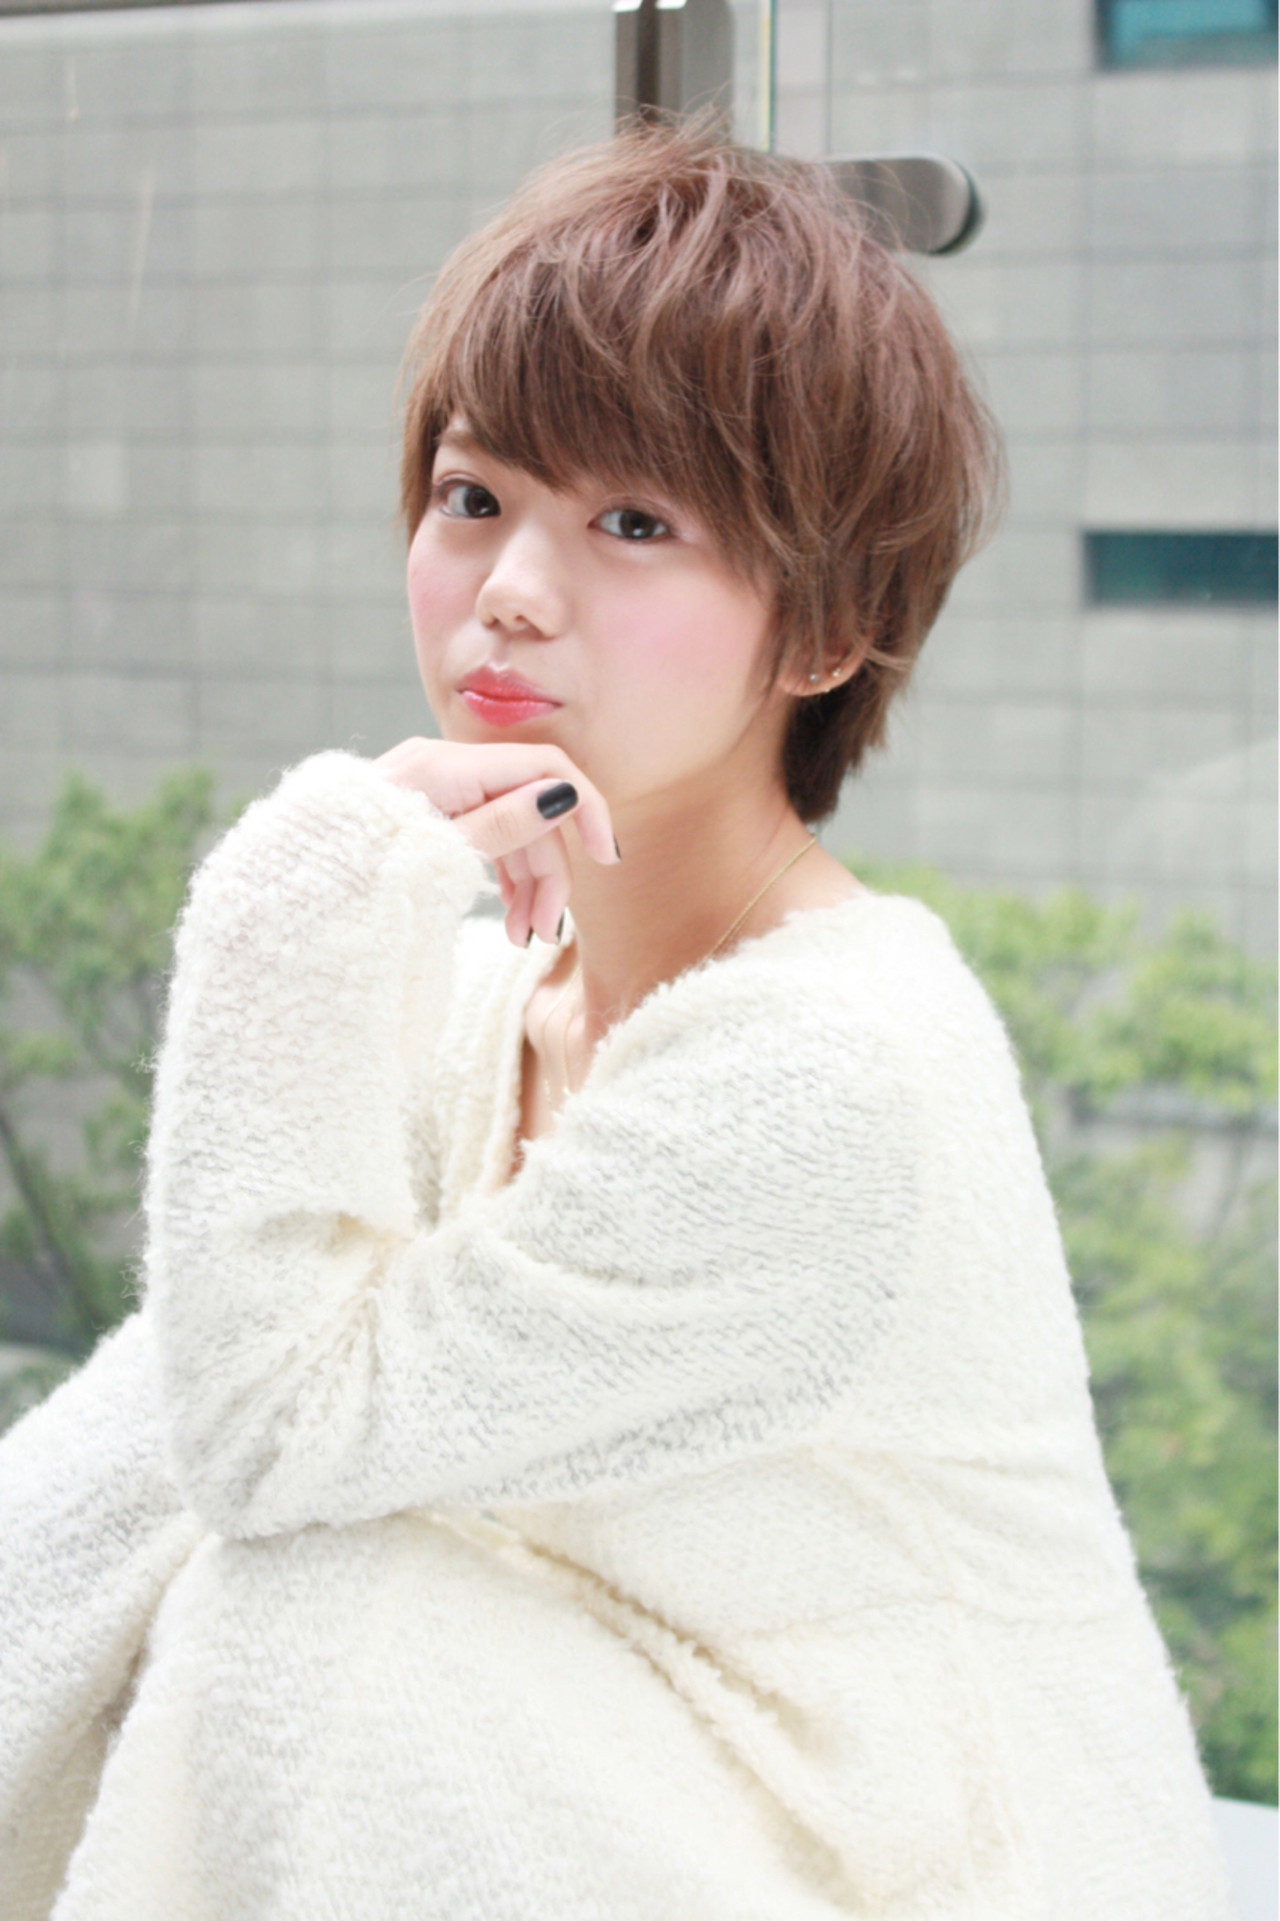 エアリーショートで軽やかな女性に 小本 敬 / kei komoto | 資生堂ビューティーサロン コレド日本橋店